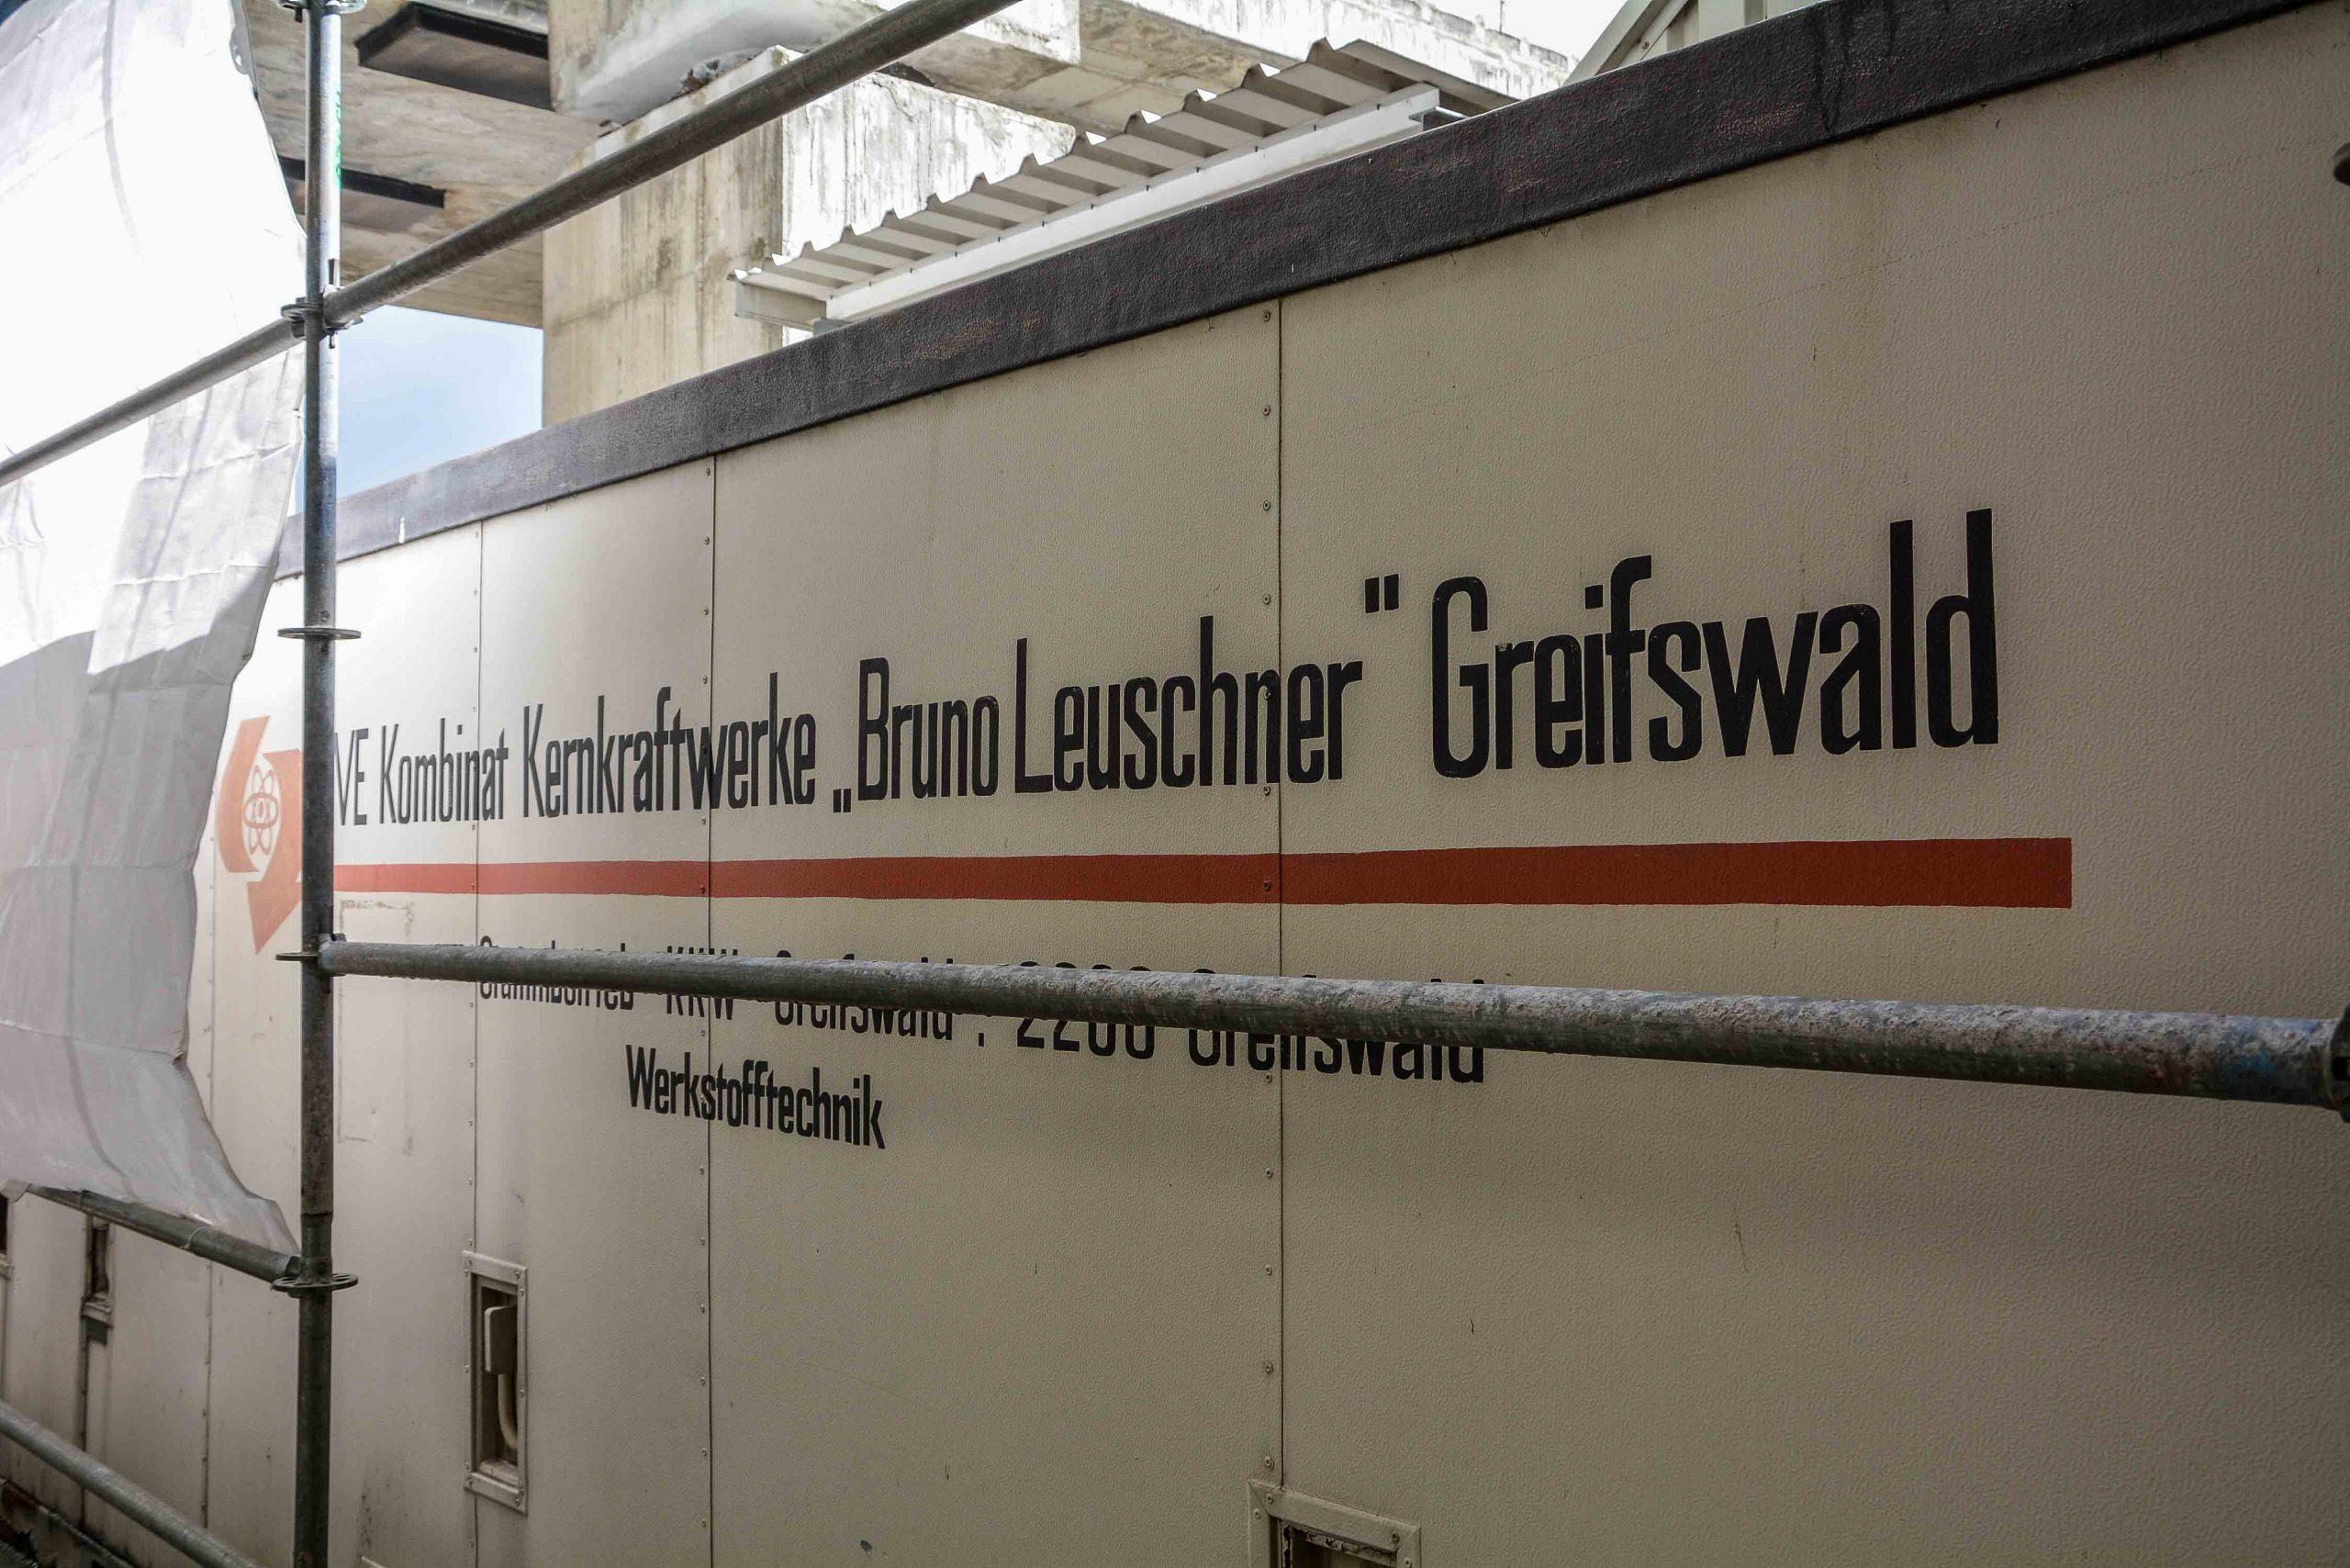 bruno leuschner kernkraftwerk greifswald nuclear powerplant ost deutschland east germany gdr DDR mecklenburg vorpommern